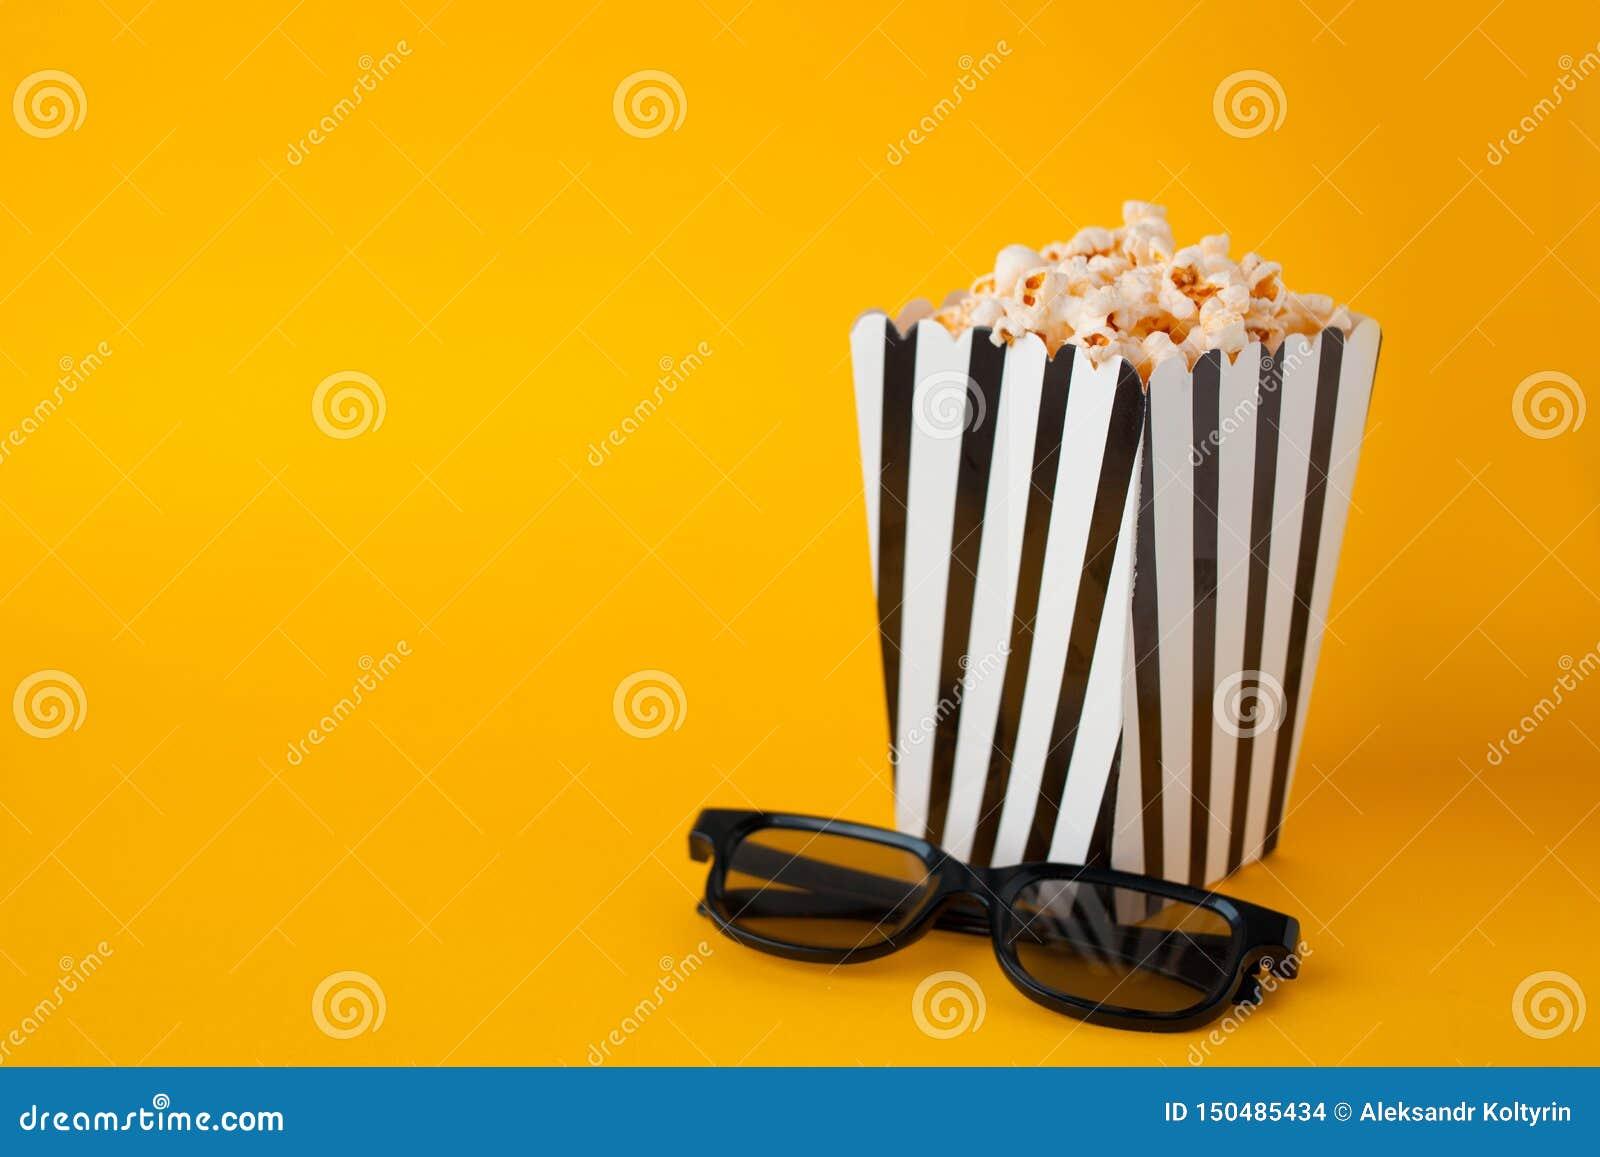 Popcorn in document zaktribune op gele achtergrond hoogste menings fnd zwarte 3d glazen